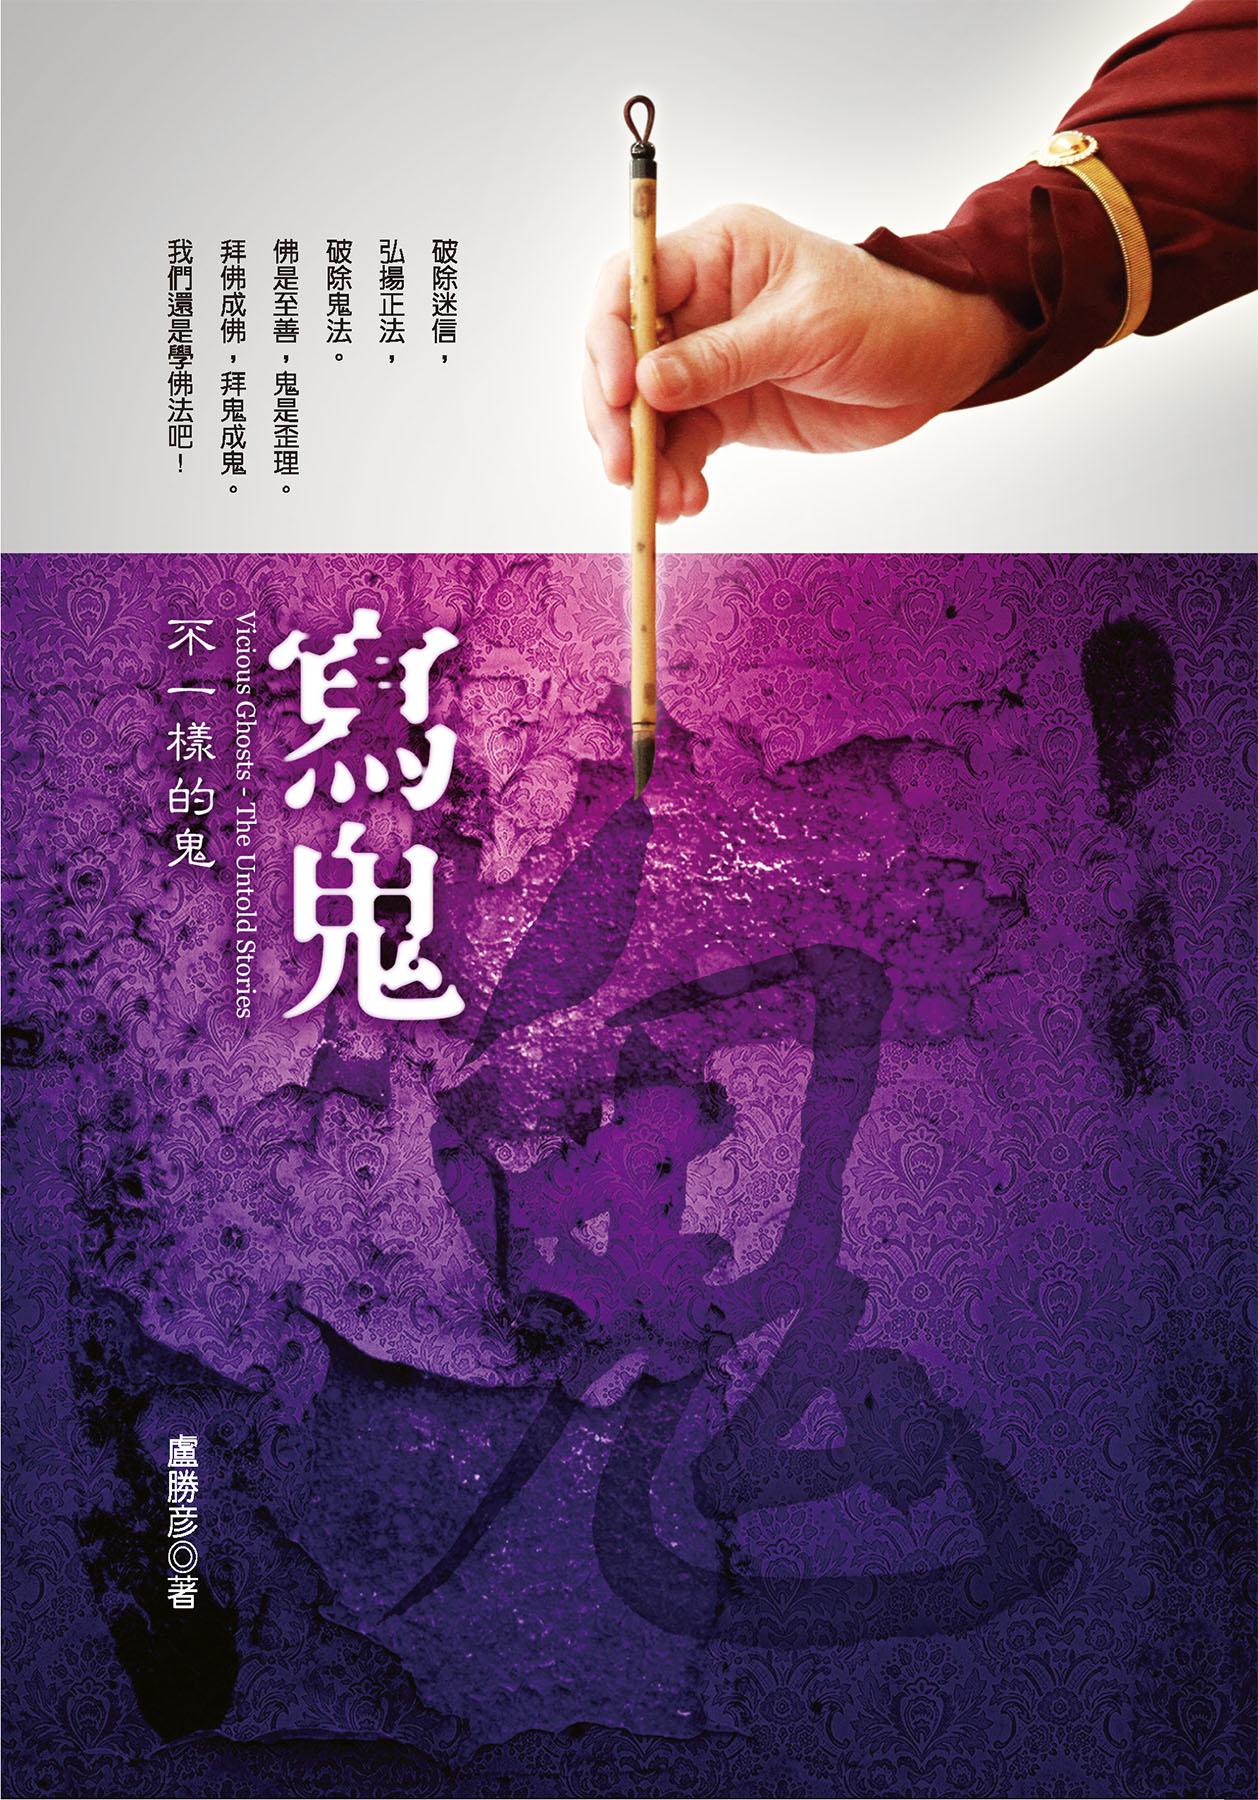 蓮生活佛盧勝彥第258本文集《寫鬼》